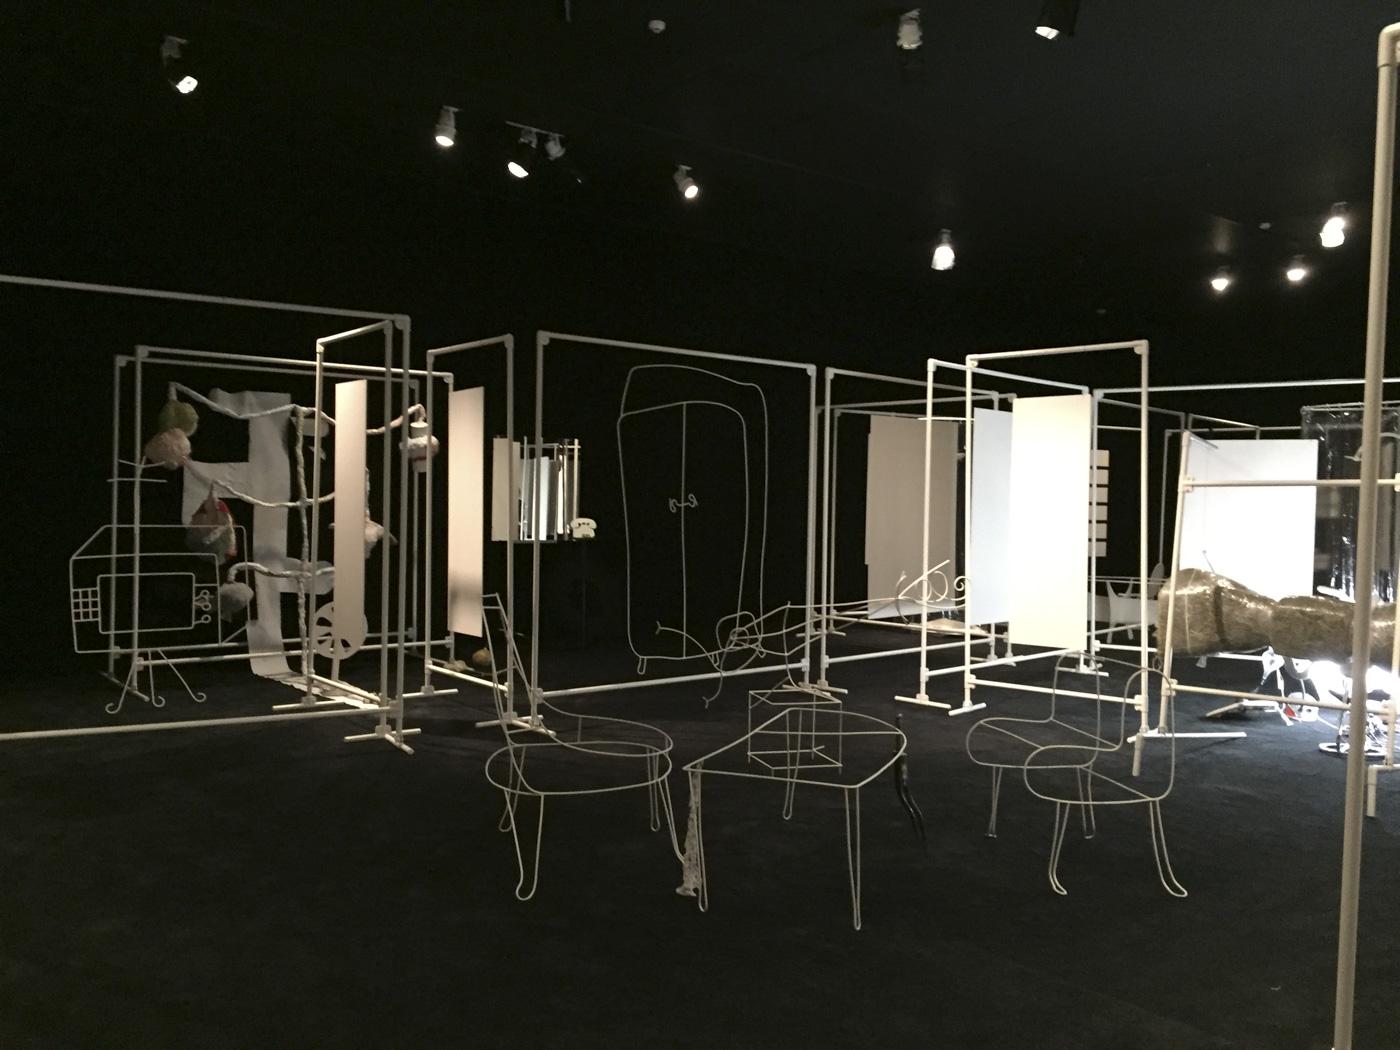 John Bock, Regen Projects 12/12/15